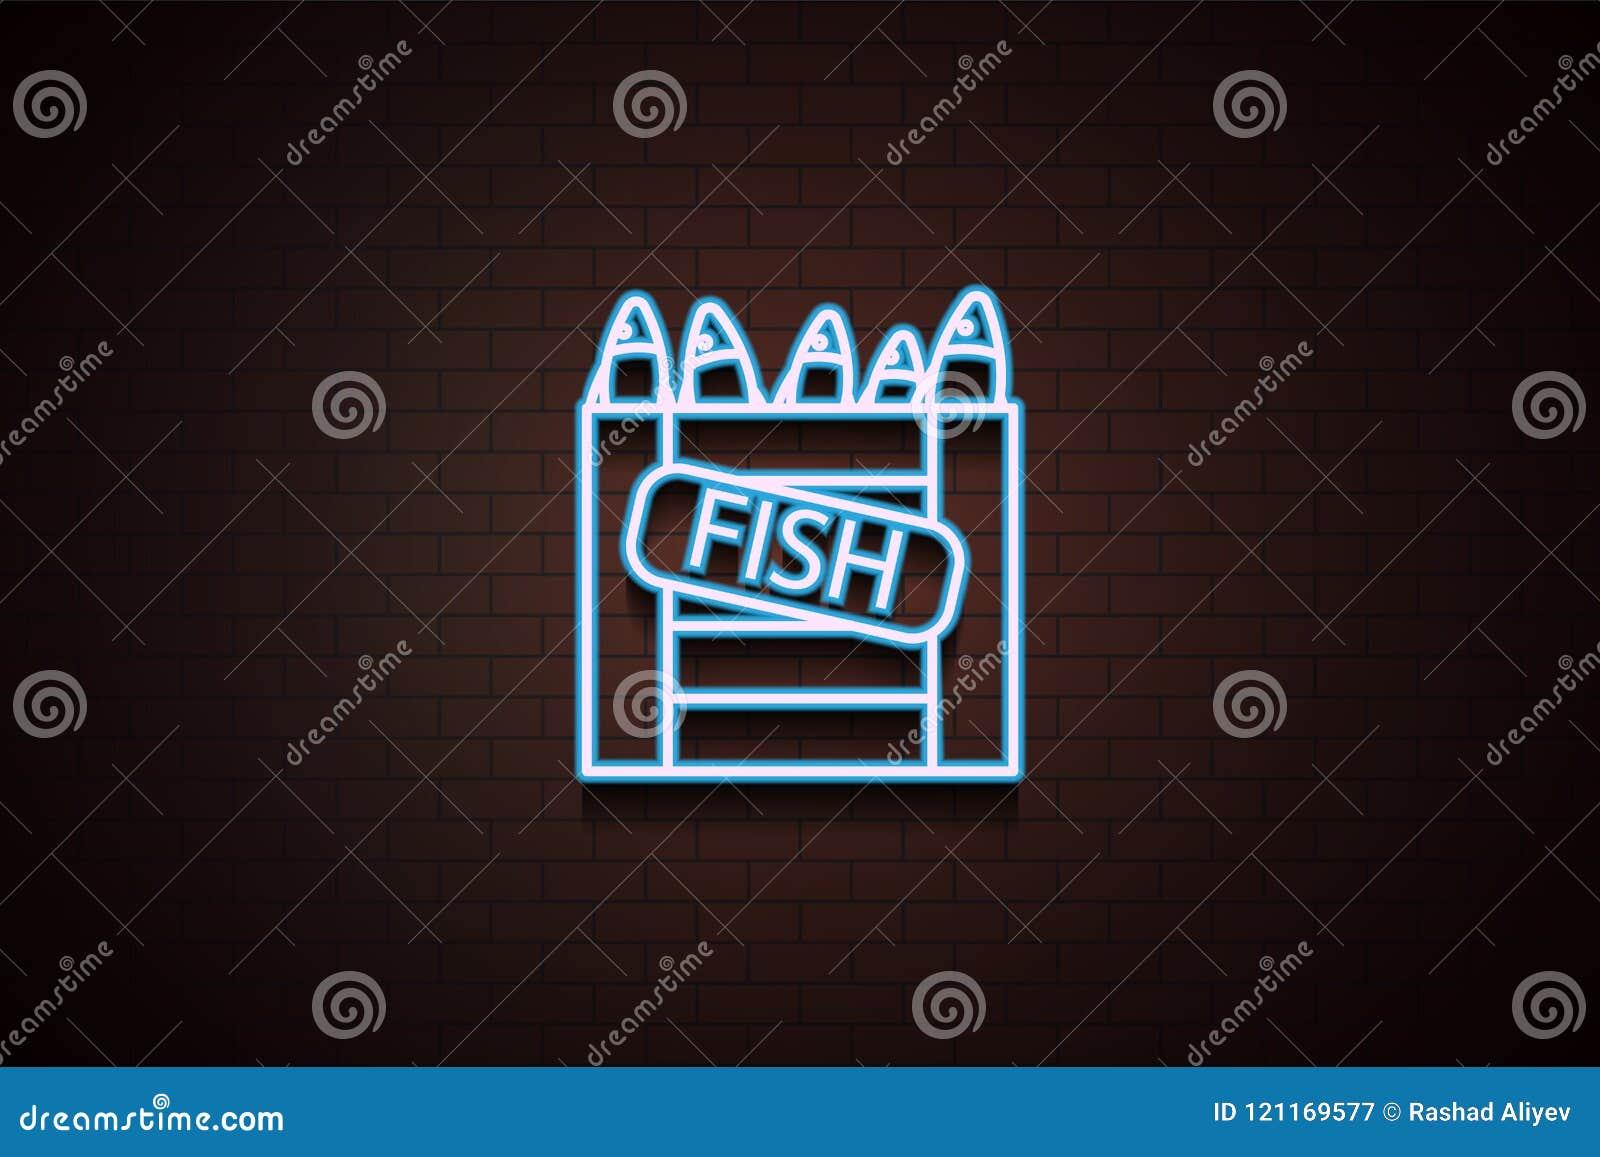 fish in a box icon in Neon